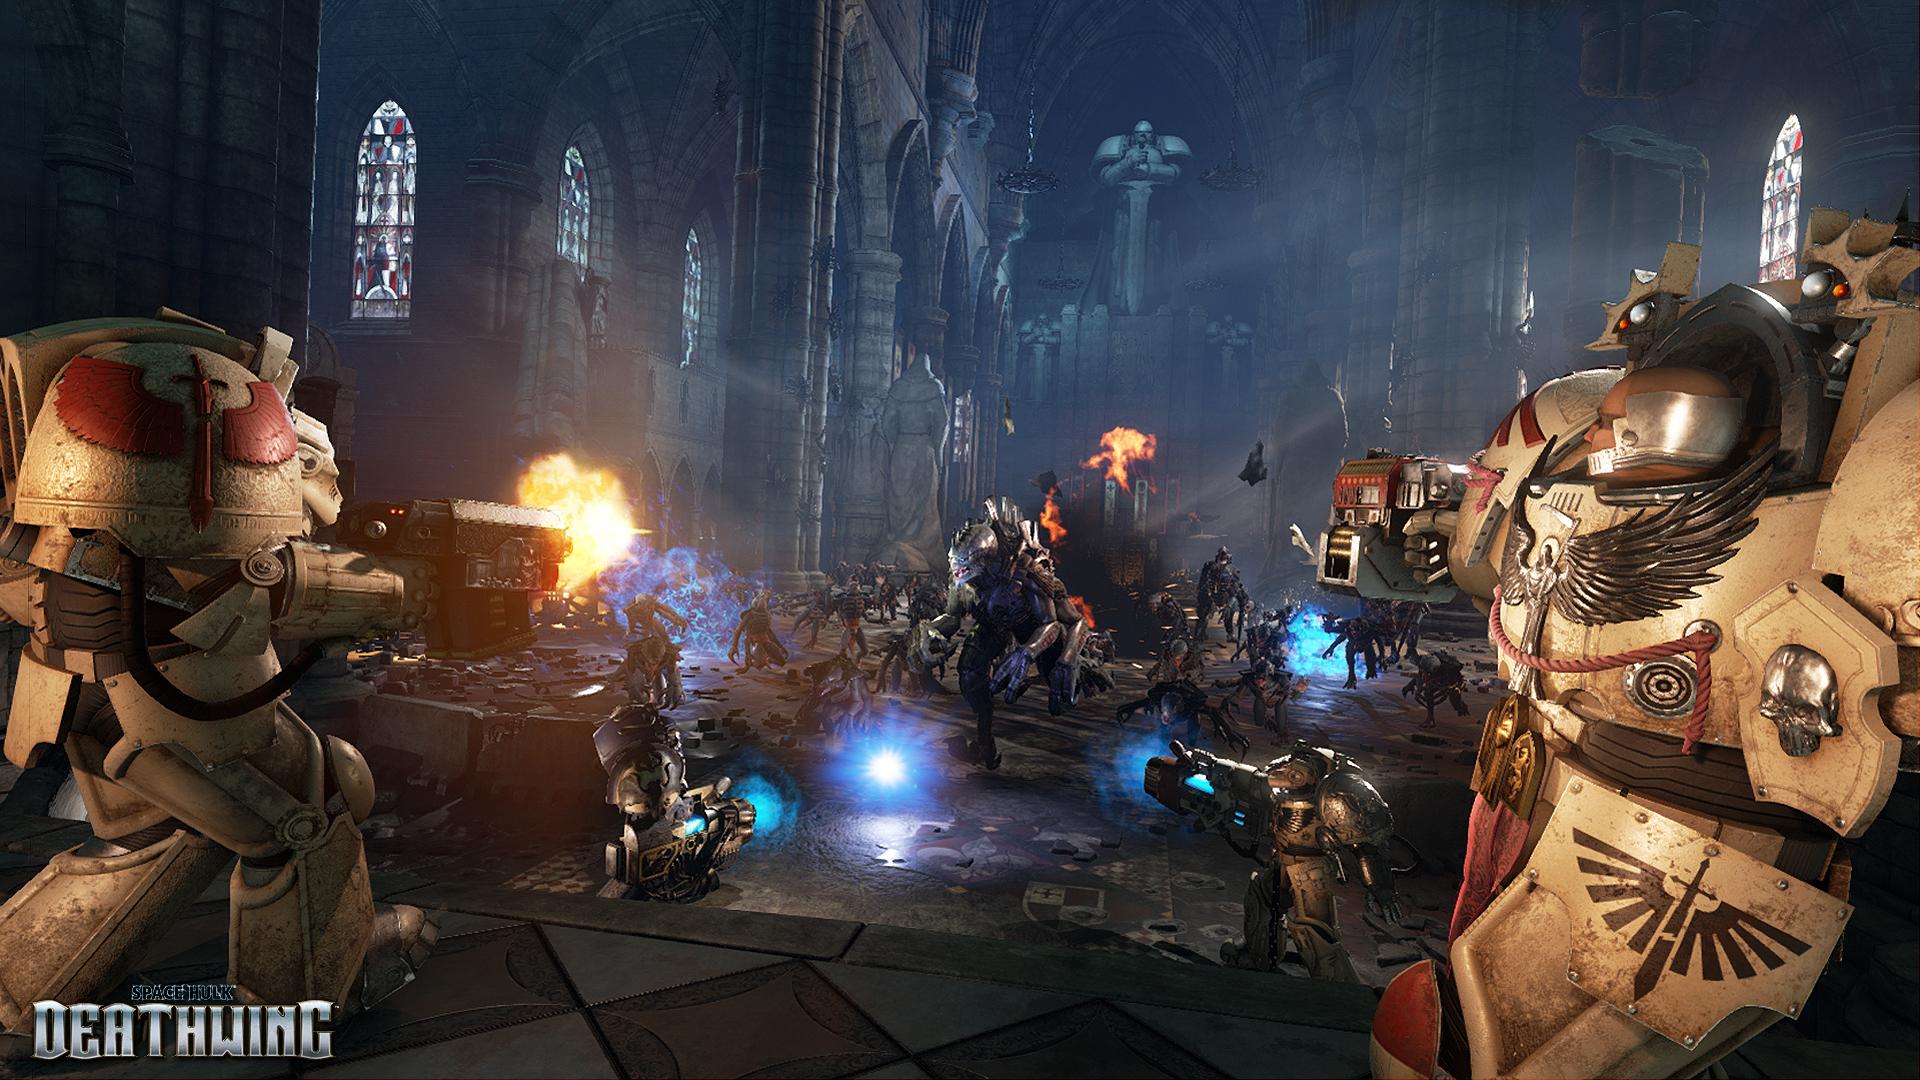 Obrázky ze Space Hulk: Deathwing a Battlefleet Gothic: Armada 109772